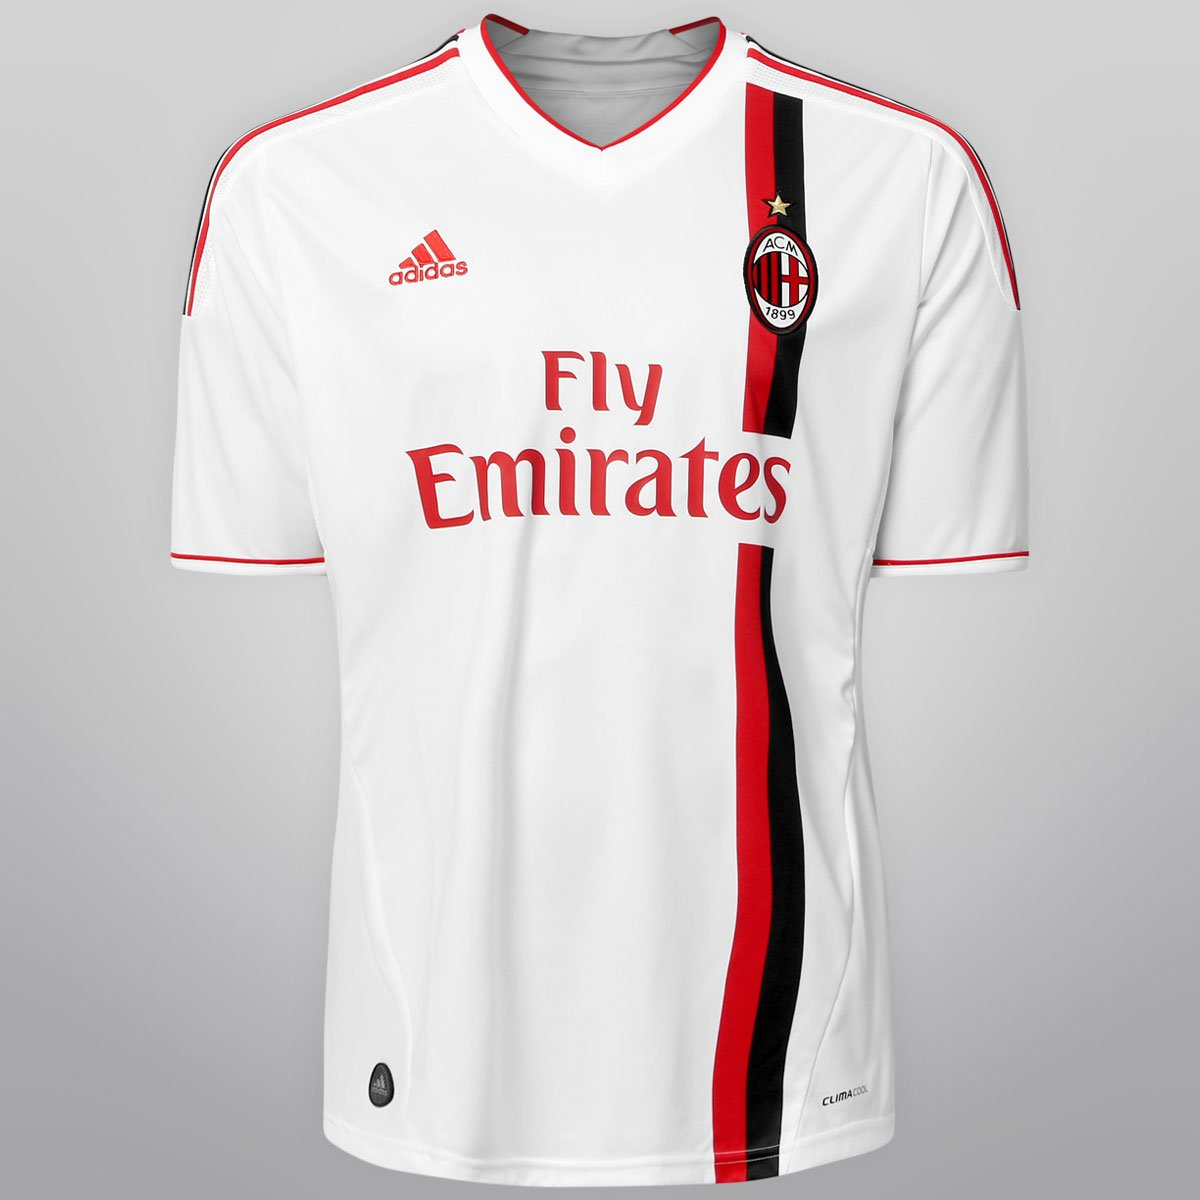 6e78e8bb86334 Camisa Adidas Milan Away 11 12 s nº - Compre Agora